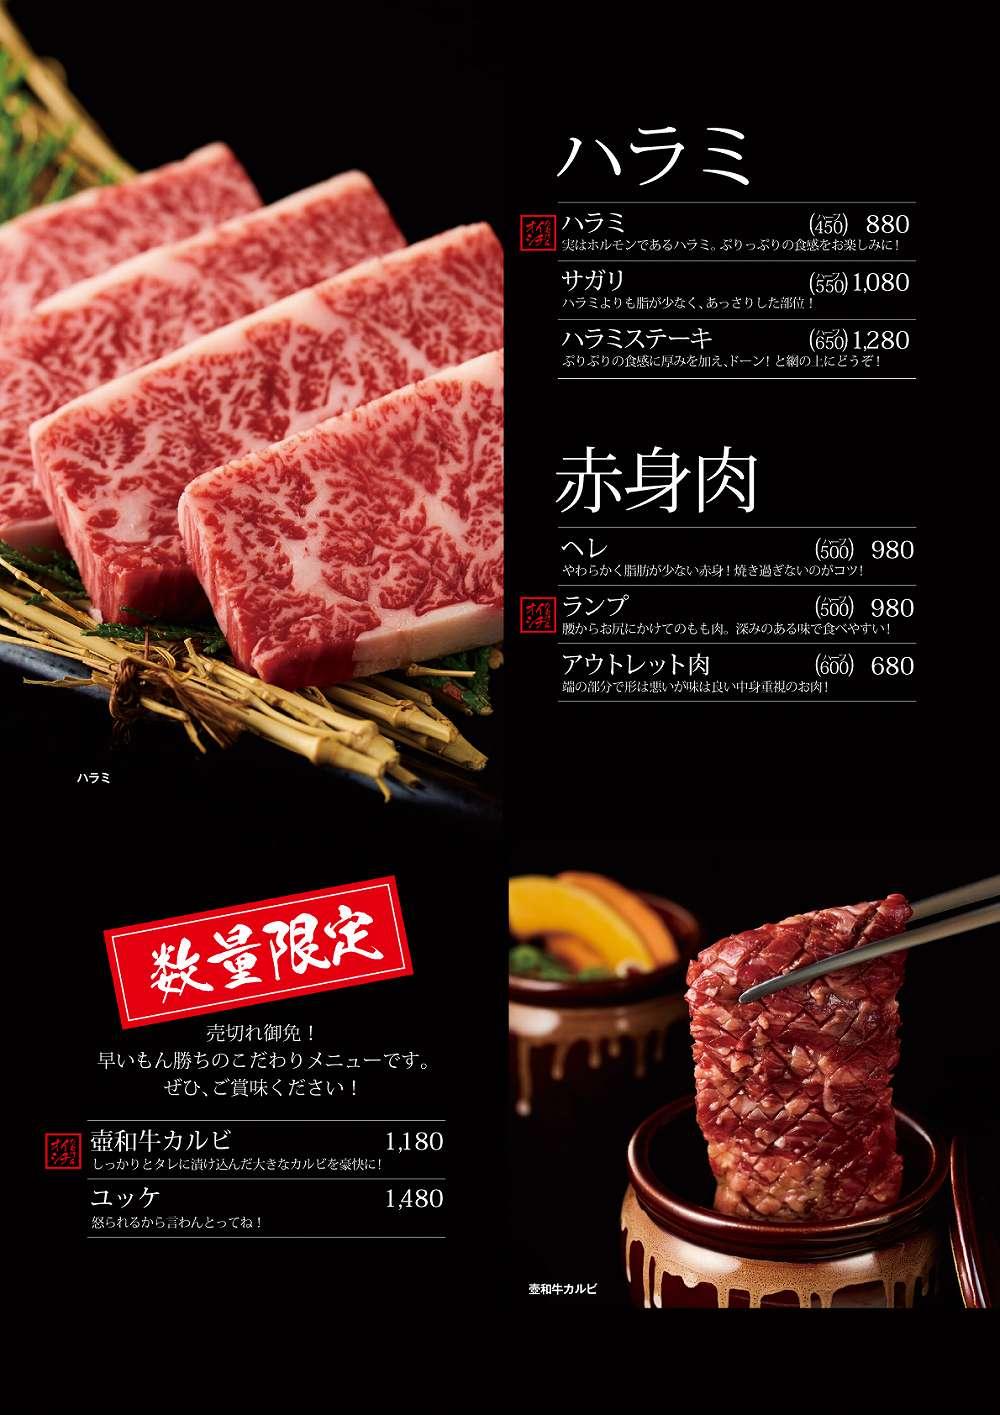 ハラミ・赤身肉メニュー